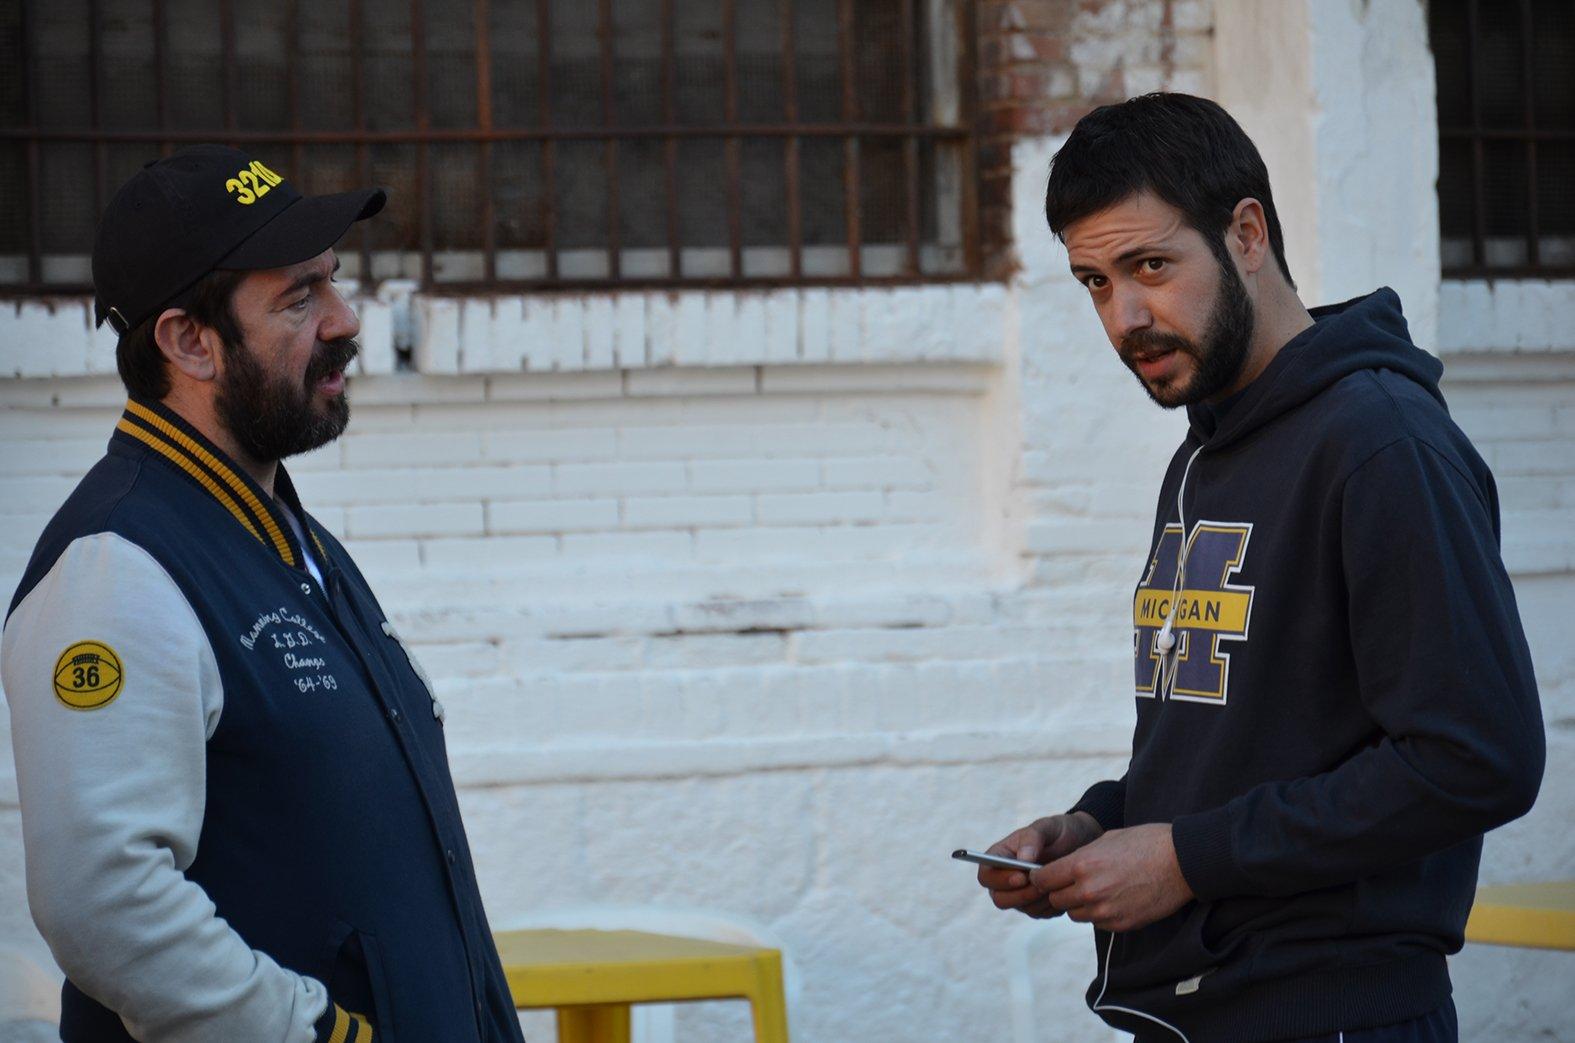 Enrique García and Chico García in 321 días en Michigan (2014)